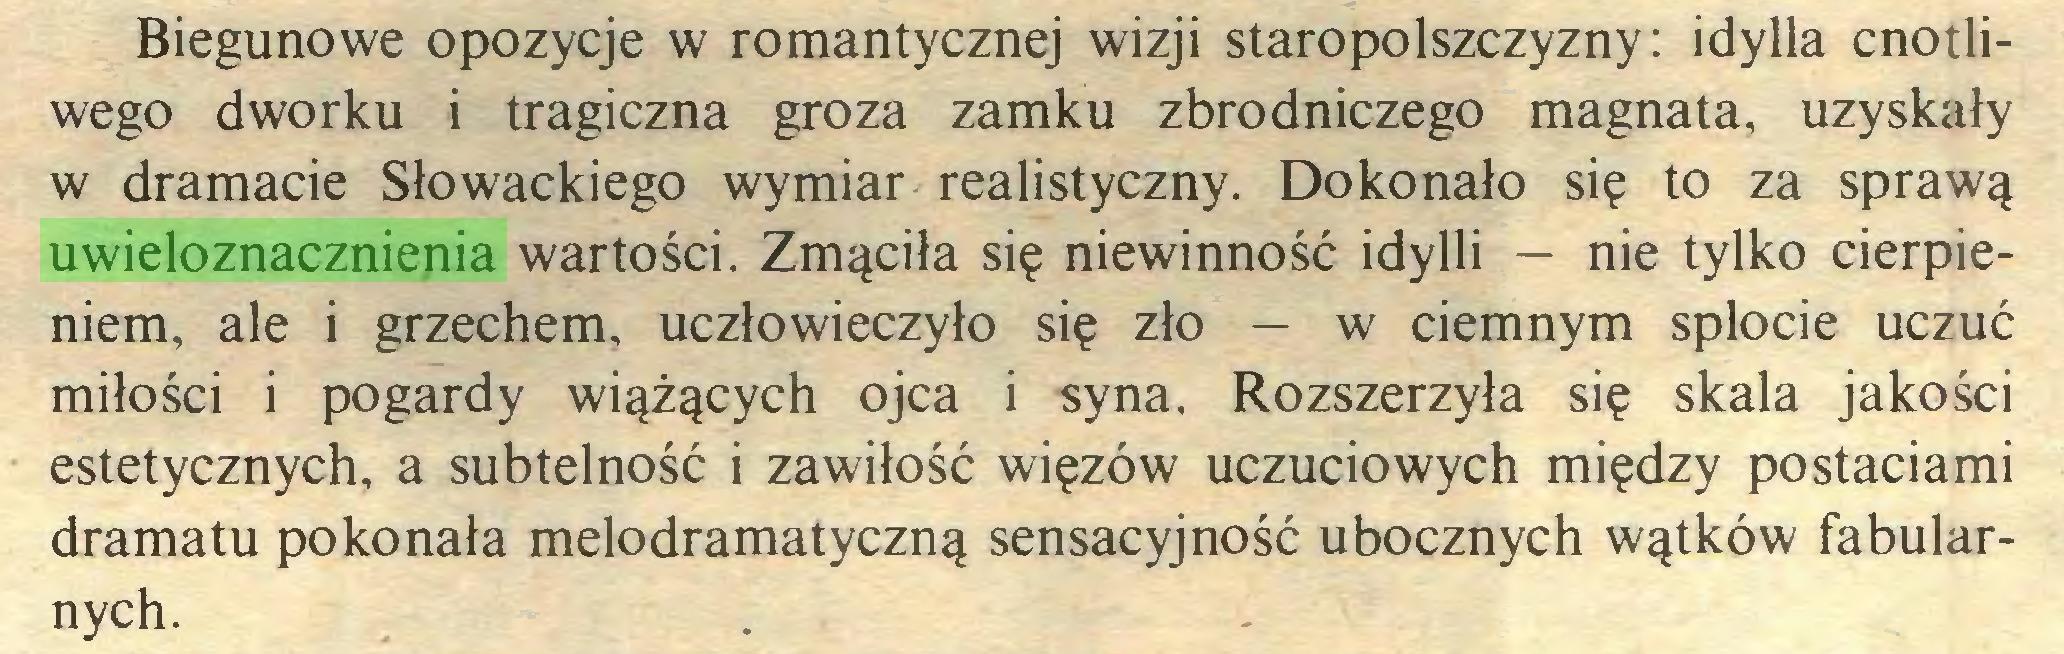 (...) Biegunowe opozycje w romantycznej wizji staropolszczyzny: idylla cnotliwego dworku i tragiczna groza zamku zbrodniczego magnata, uzyskały w dramacie Słowackiego wymiar realistyczny. Dokonało się to za sprawą uwieloznacznienia wartości. Zmąciła się niewinność idylli — nie tylko cierpieniem, ale i grzechem, uczłowieczyło się zło — w ciemnym splocie uczuć miłości i pogardy wiążących ojca i syna. Rozszerzyła się skala jakości estetycznych, a subtelność i zawiłość więzów uczuciowych między postaciami dramatu pokonała melodramatyczną sensacyjność ubocznych wątków fabularnych...